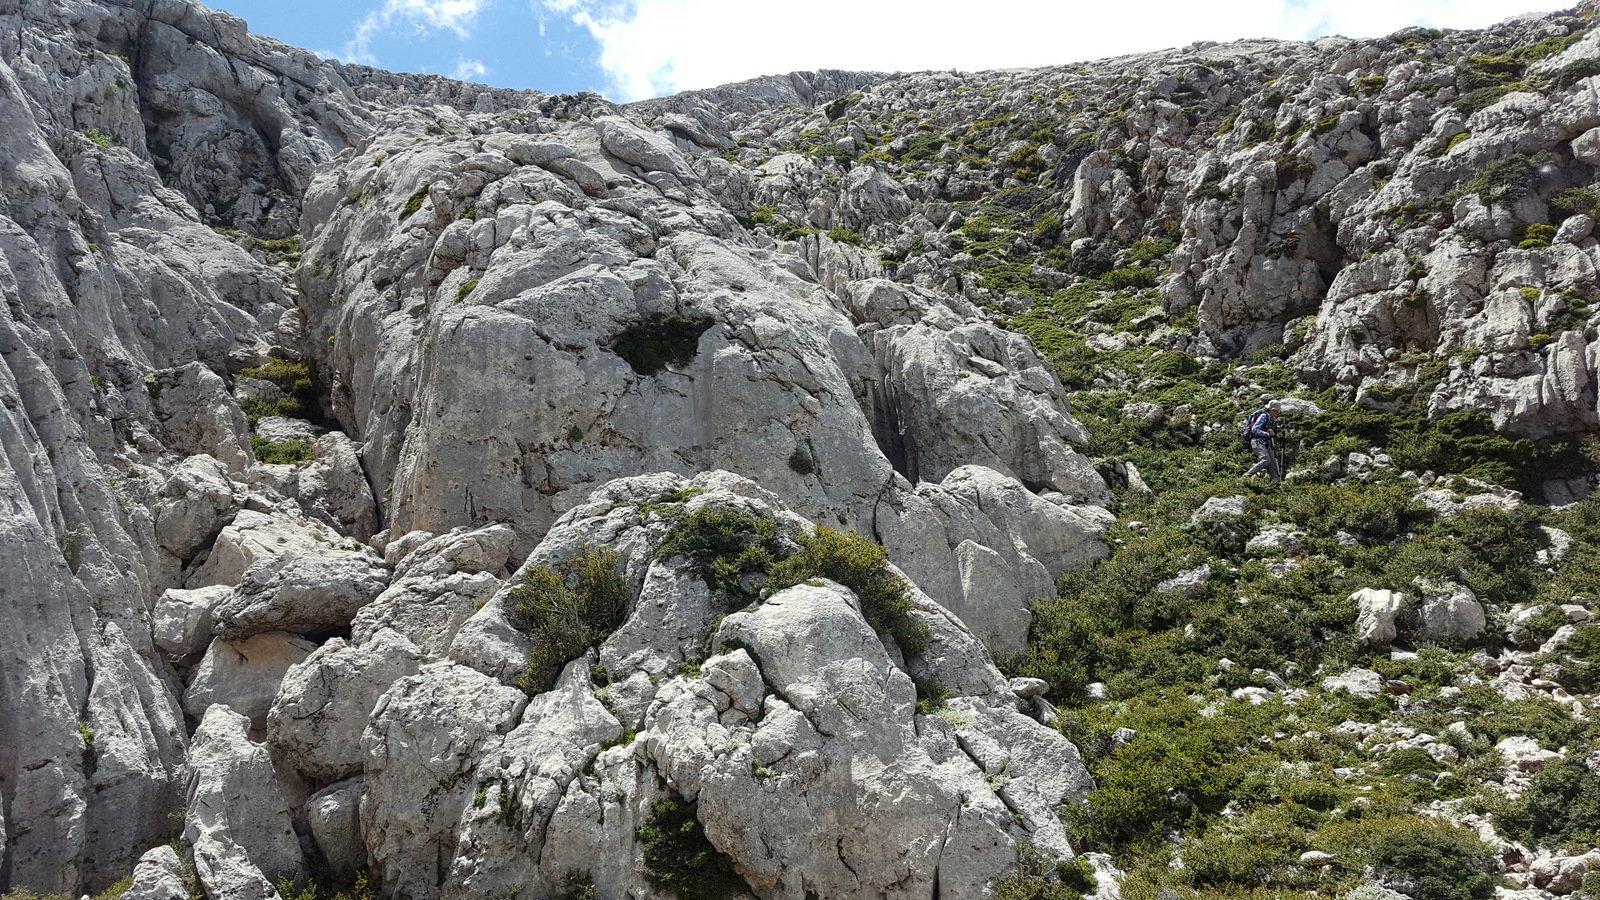 Il canale di rocce e arbusti spinosi percorso in discesa.